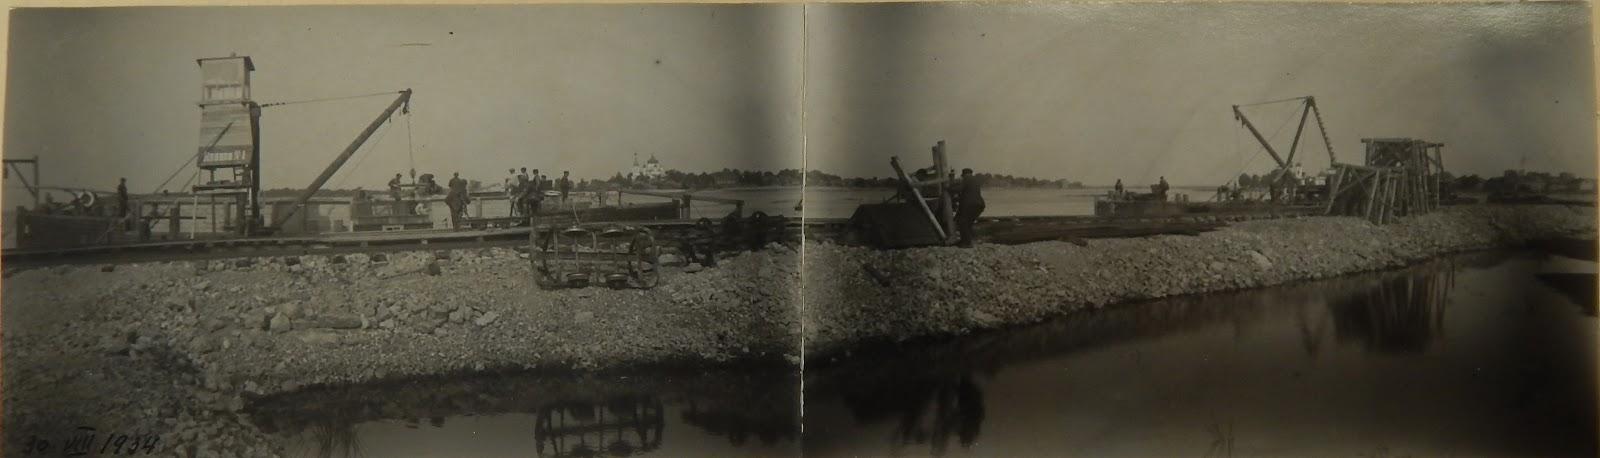 Плавучие краны на строительстве 4-ого мола.Слева видна церковь в Сыренце, справа в Скамье.30.08.1934 г.(из фондов Эст. гос. архива)